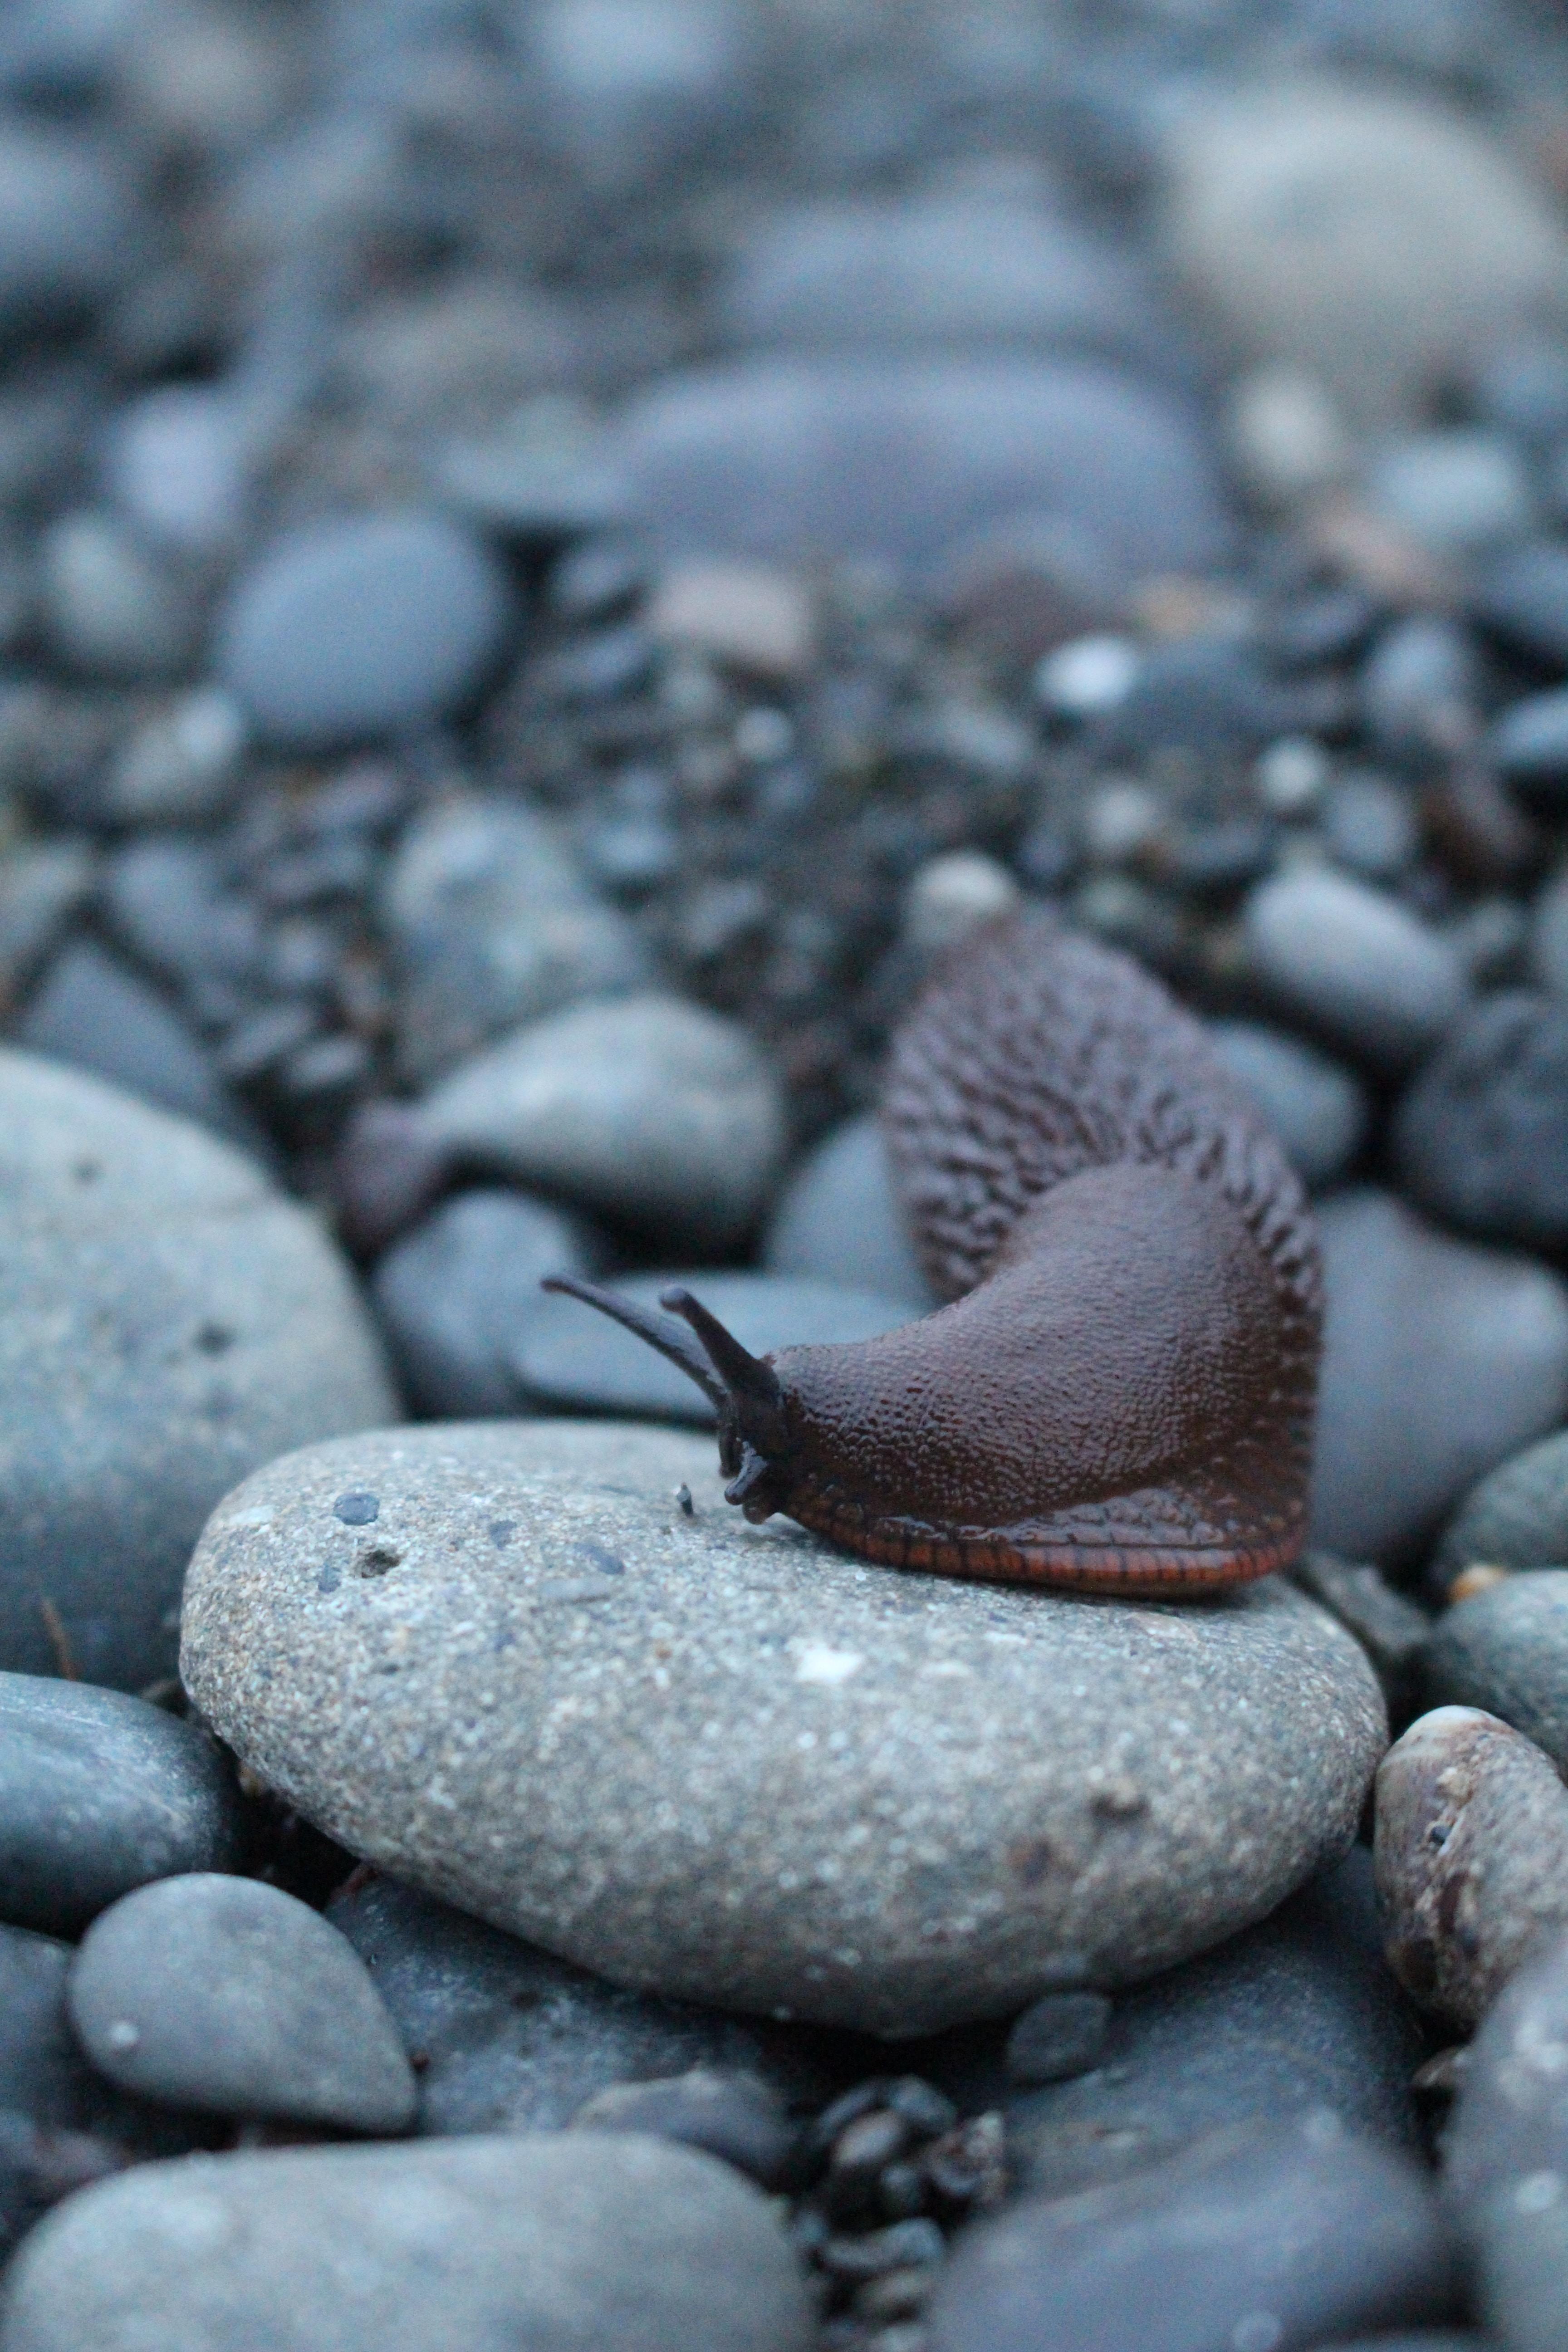 Slug up.  slug stories